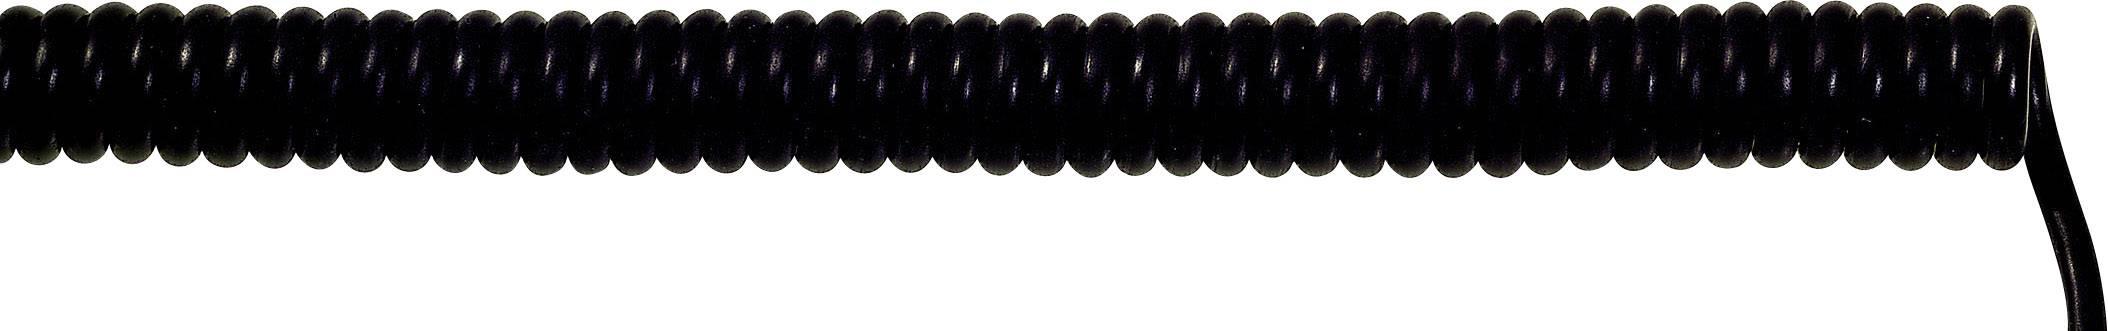 Špirálový kábel 73220223 UNITRONIC® SPIRAL 6 x 0.14 mm², 400 mm / 1600 mm, čierna